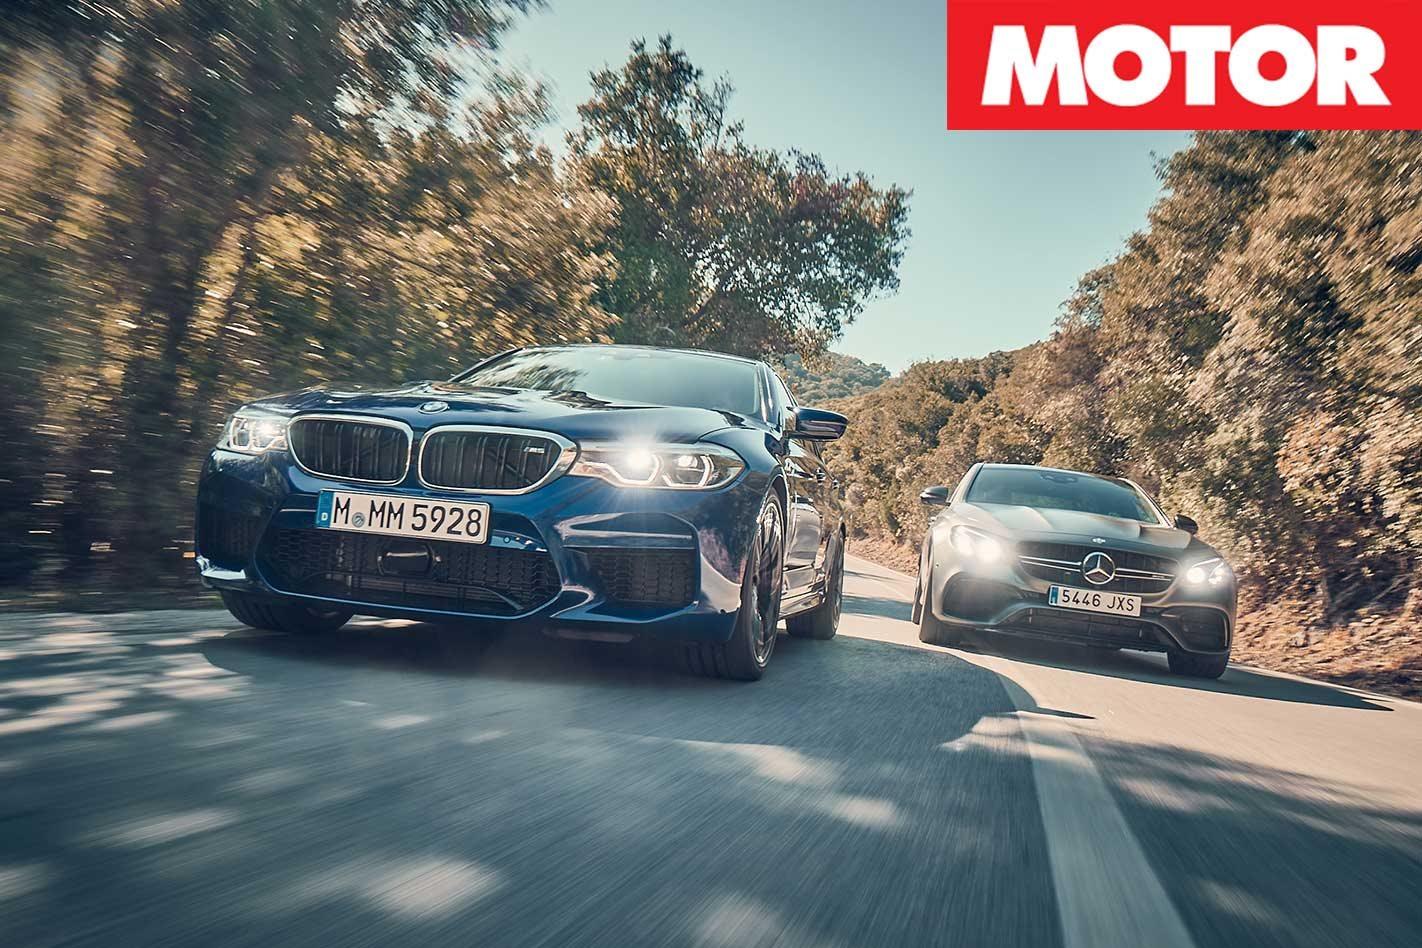 2018 Bmw M5 Vs 2018 Mercedes Amg E63 S Comparison Review